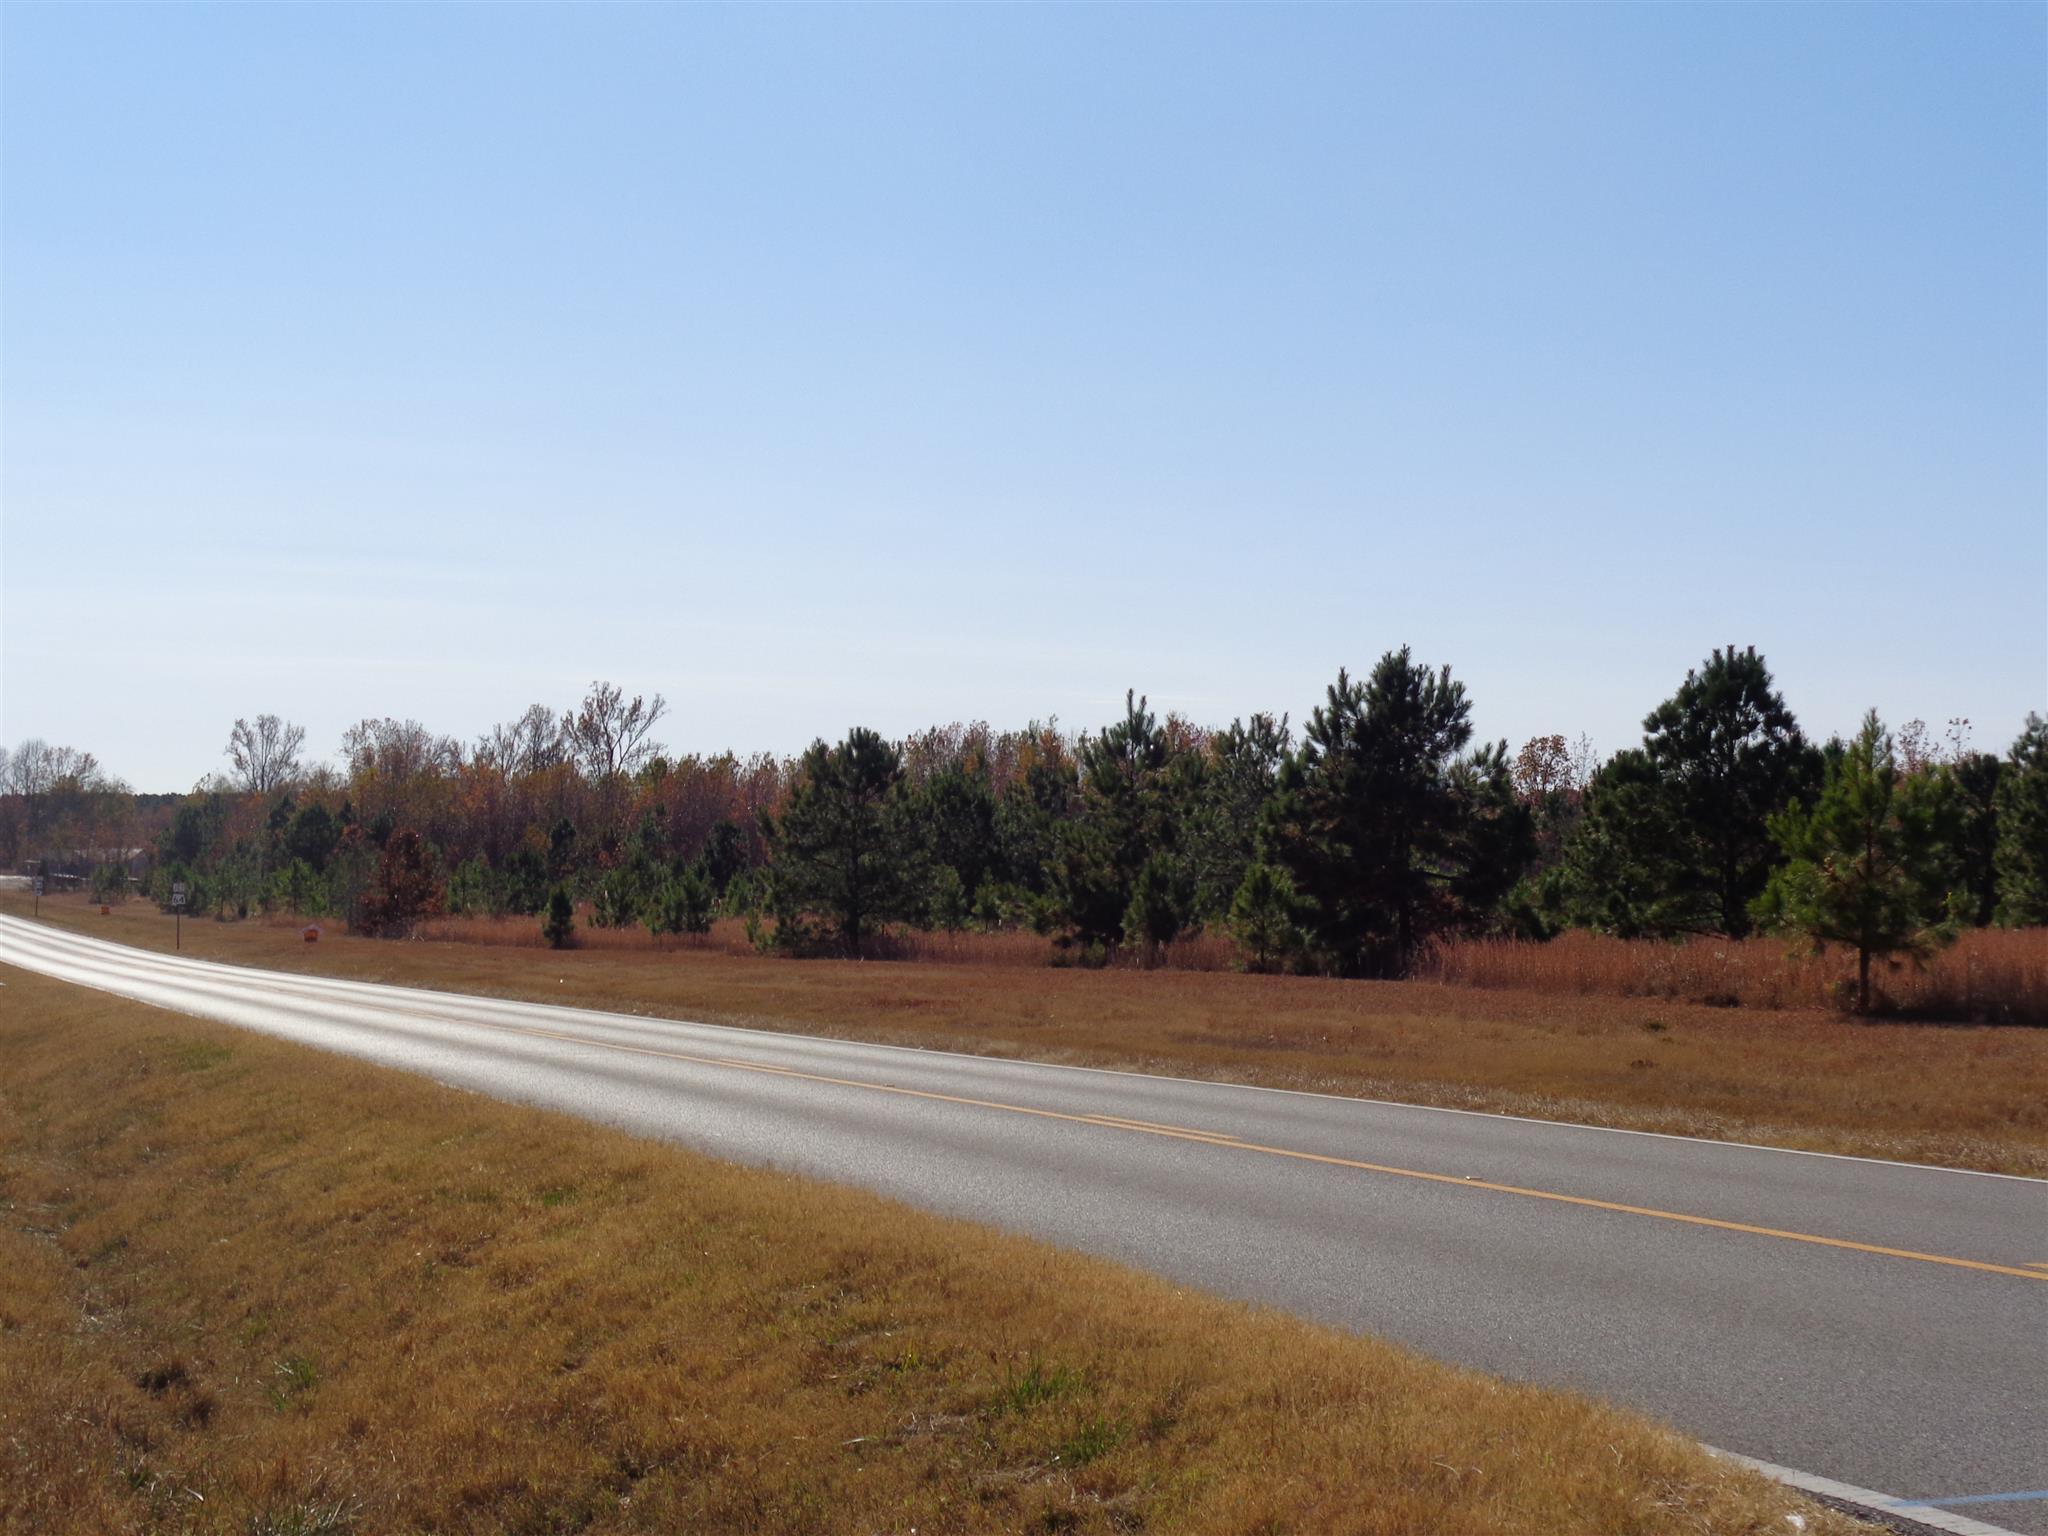 0 Hwy 207 South, Anderson, AL 35610